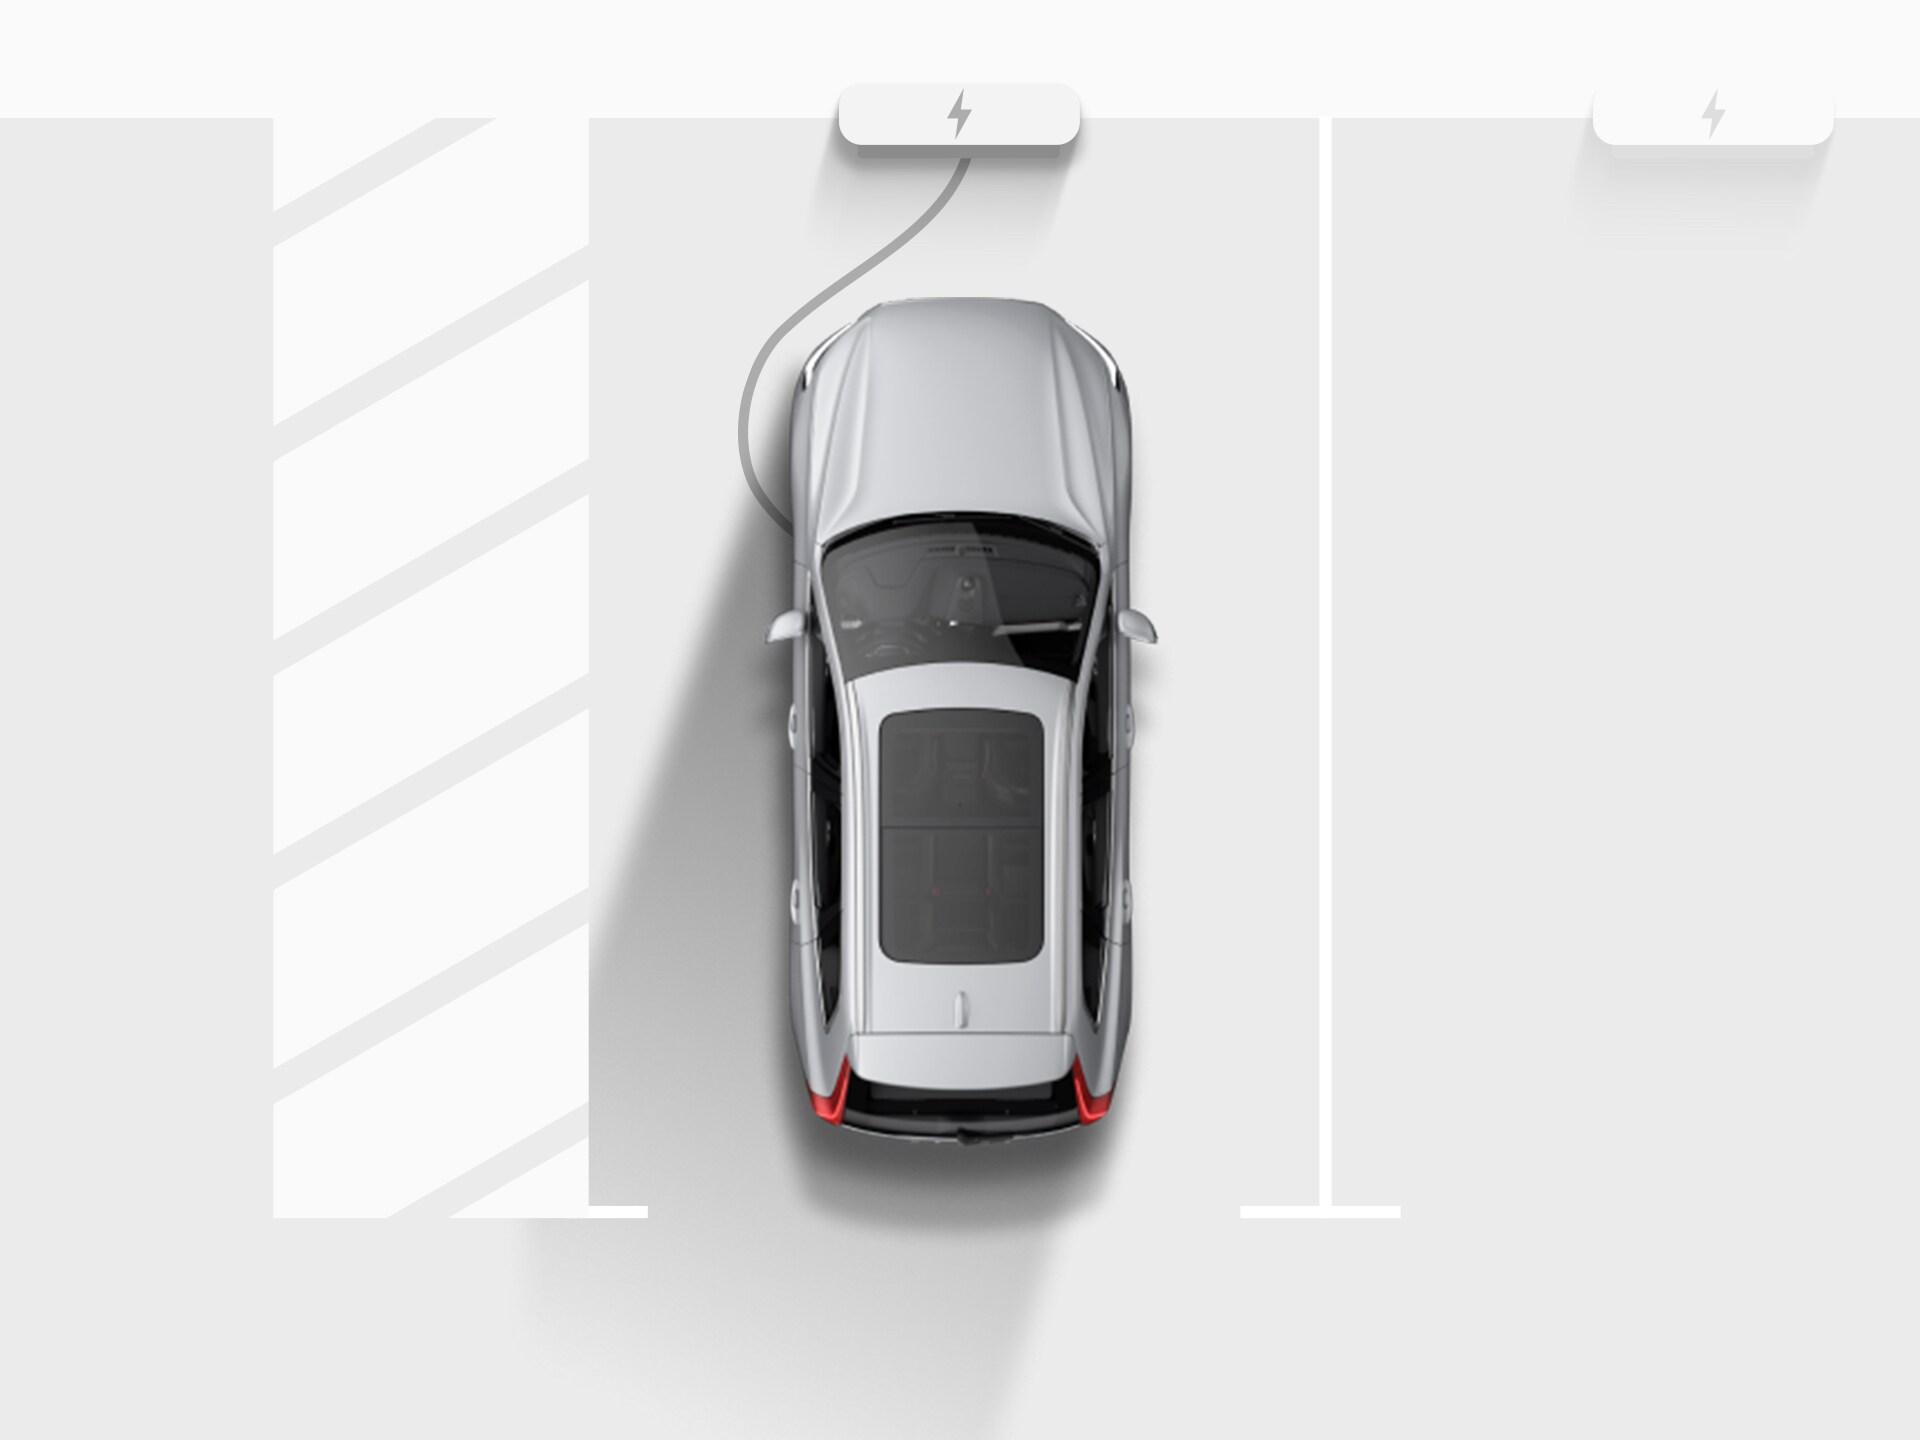 ภาพมุมสูงของภาพวาดดิจิตอลของ Volvo XC40 Recharge SUV ระบบไฟฟ้าสีเงิน ที่กำลังเสียบสายชาร์จกับจุดชาร์จไฟในที่จอดรถของอพาร์ตเมนท์